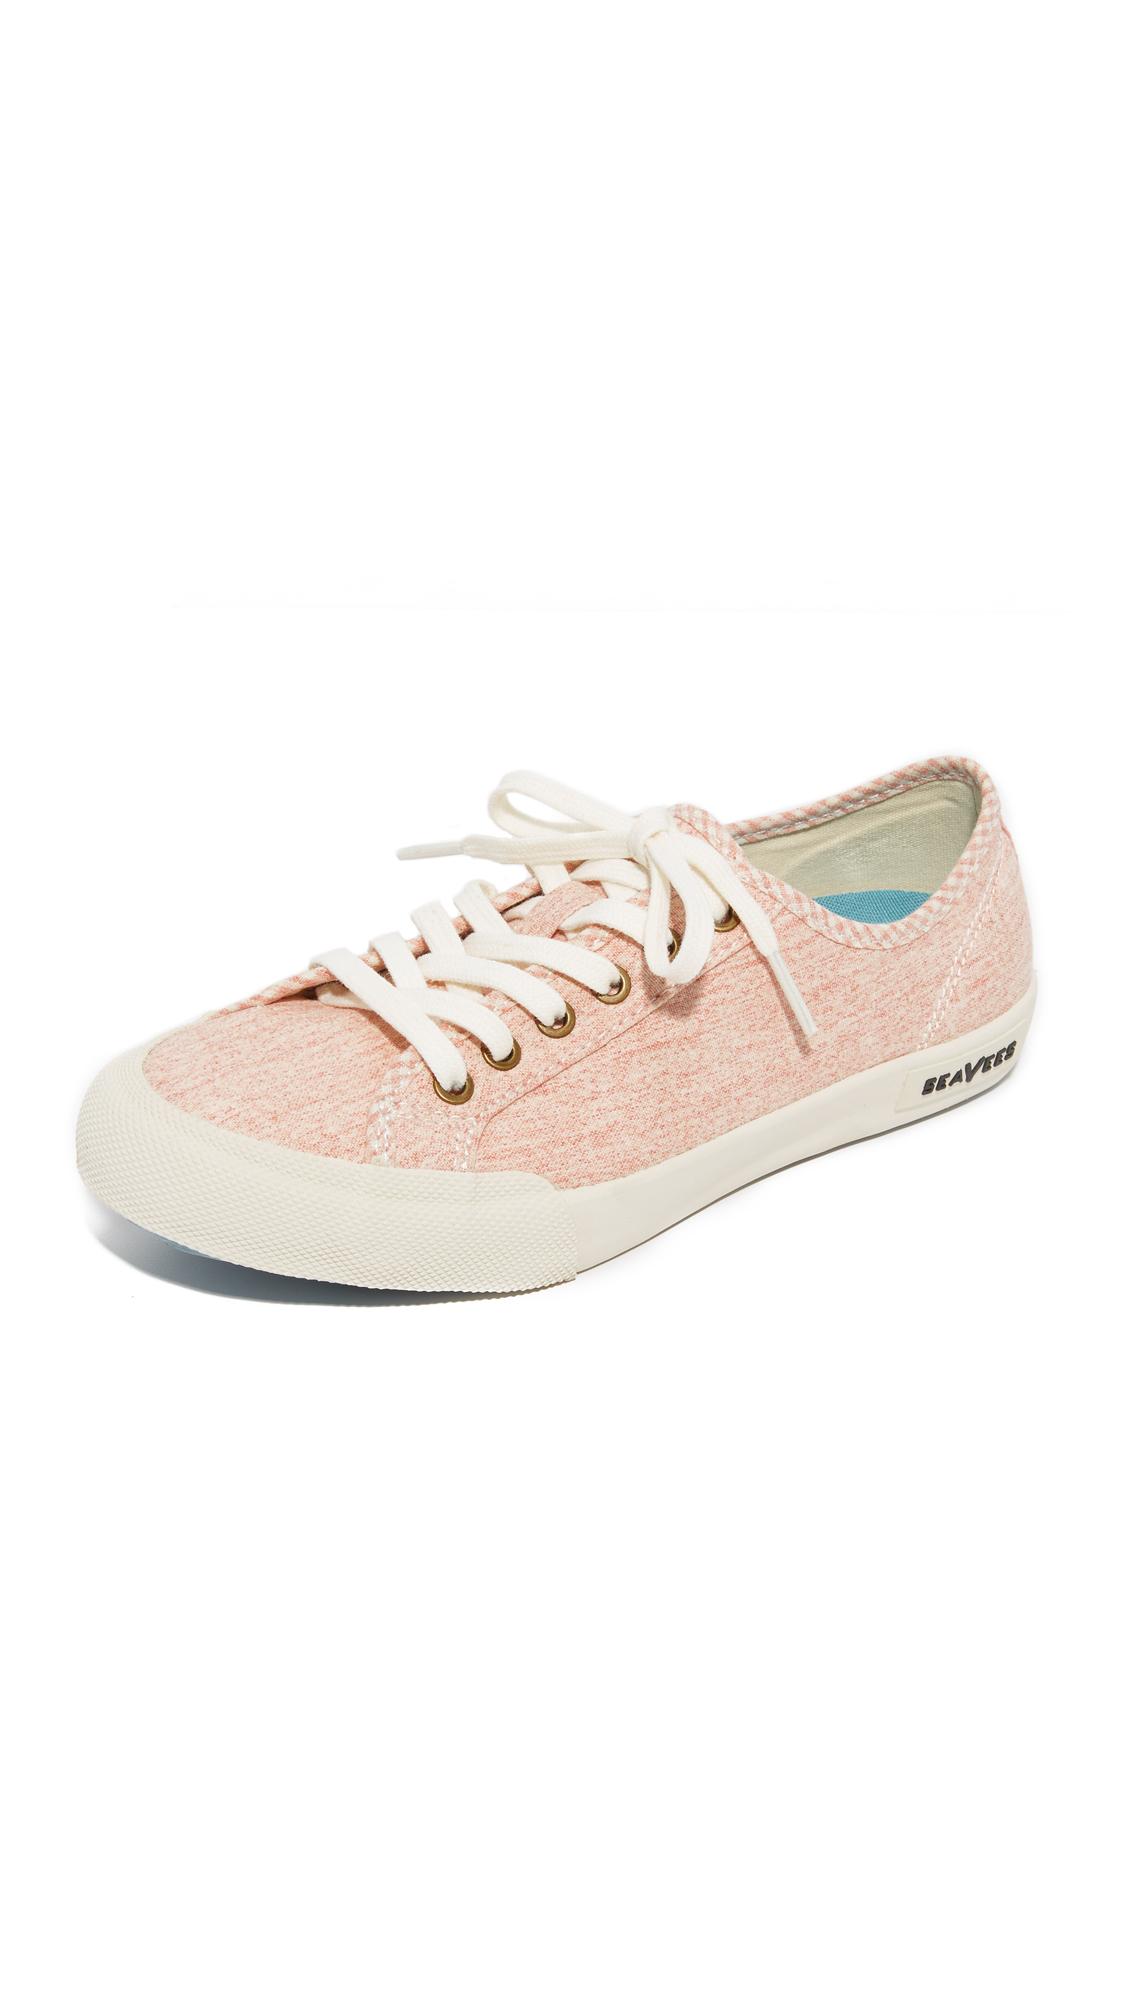 seavees female seavees monterey beach club sneakers pale pink